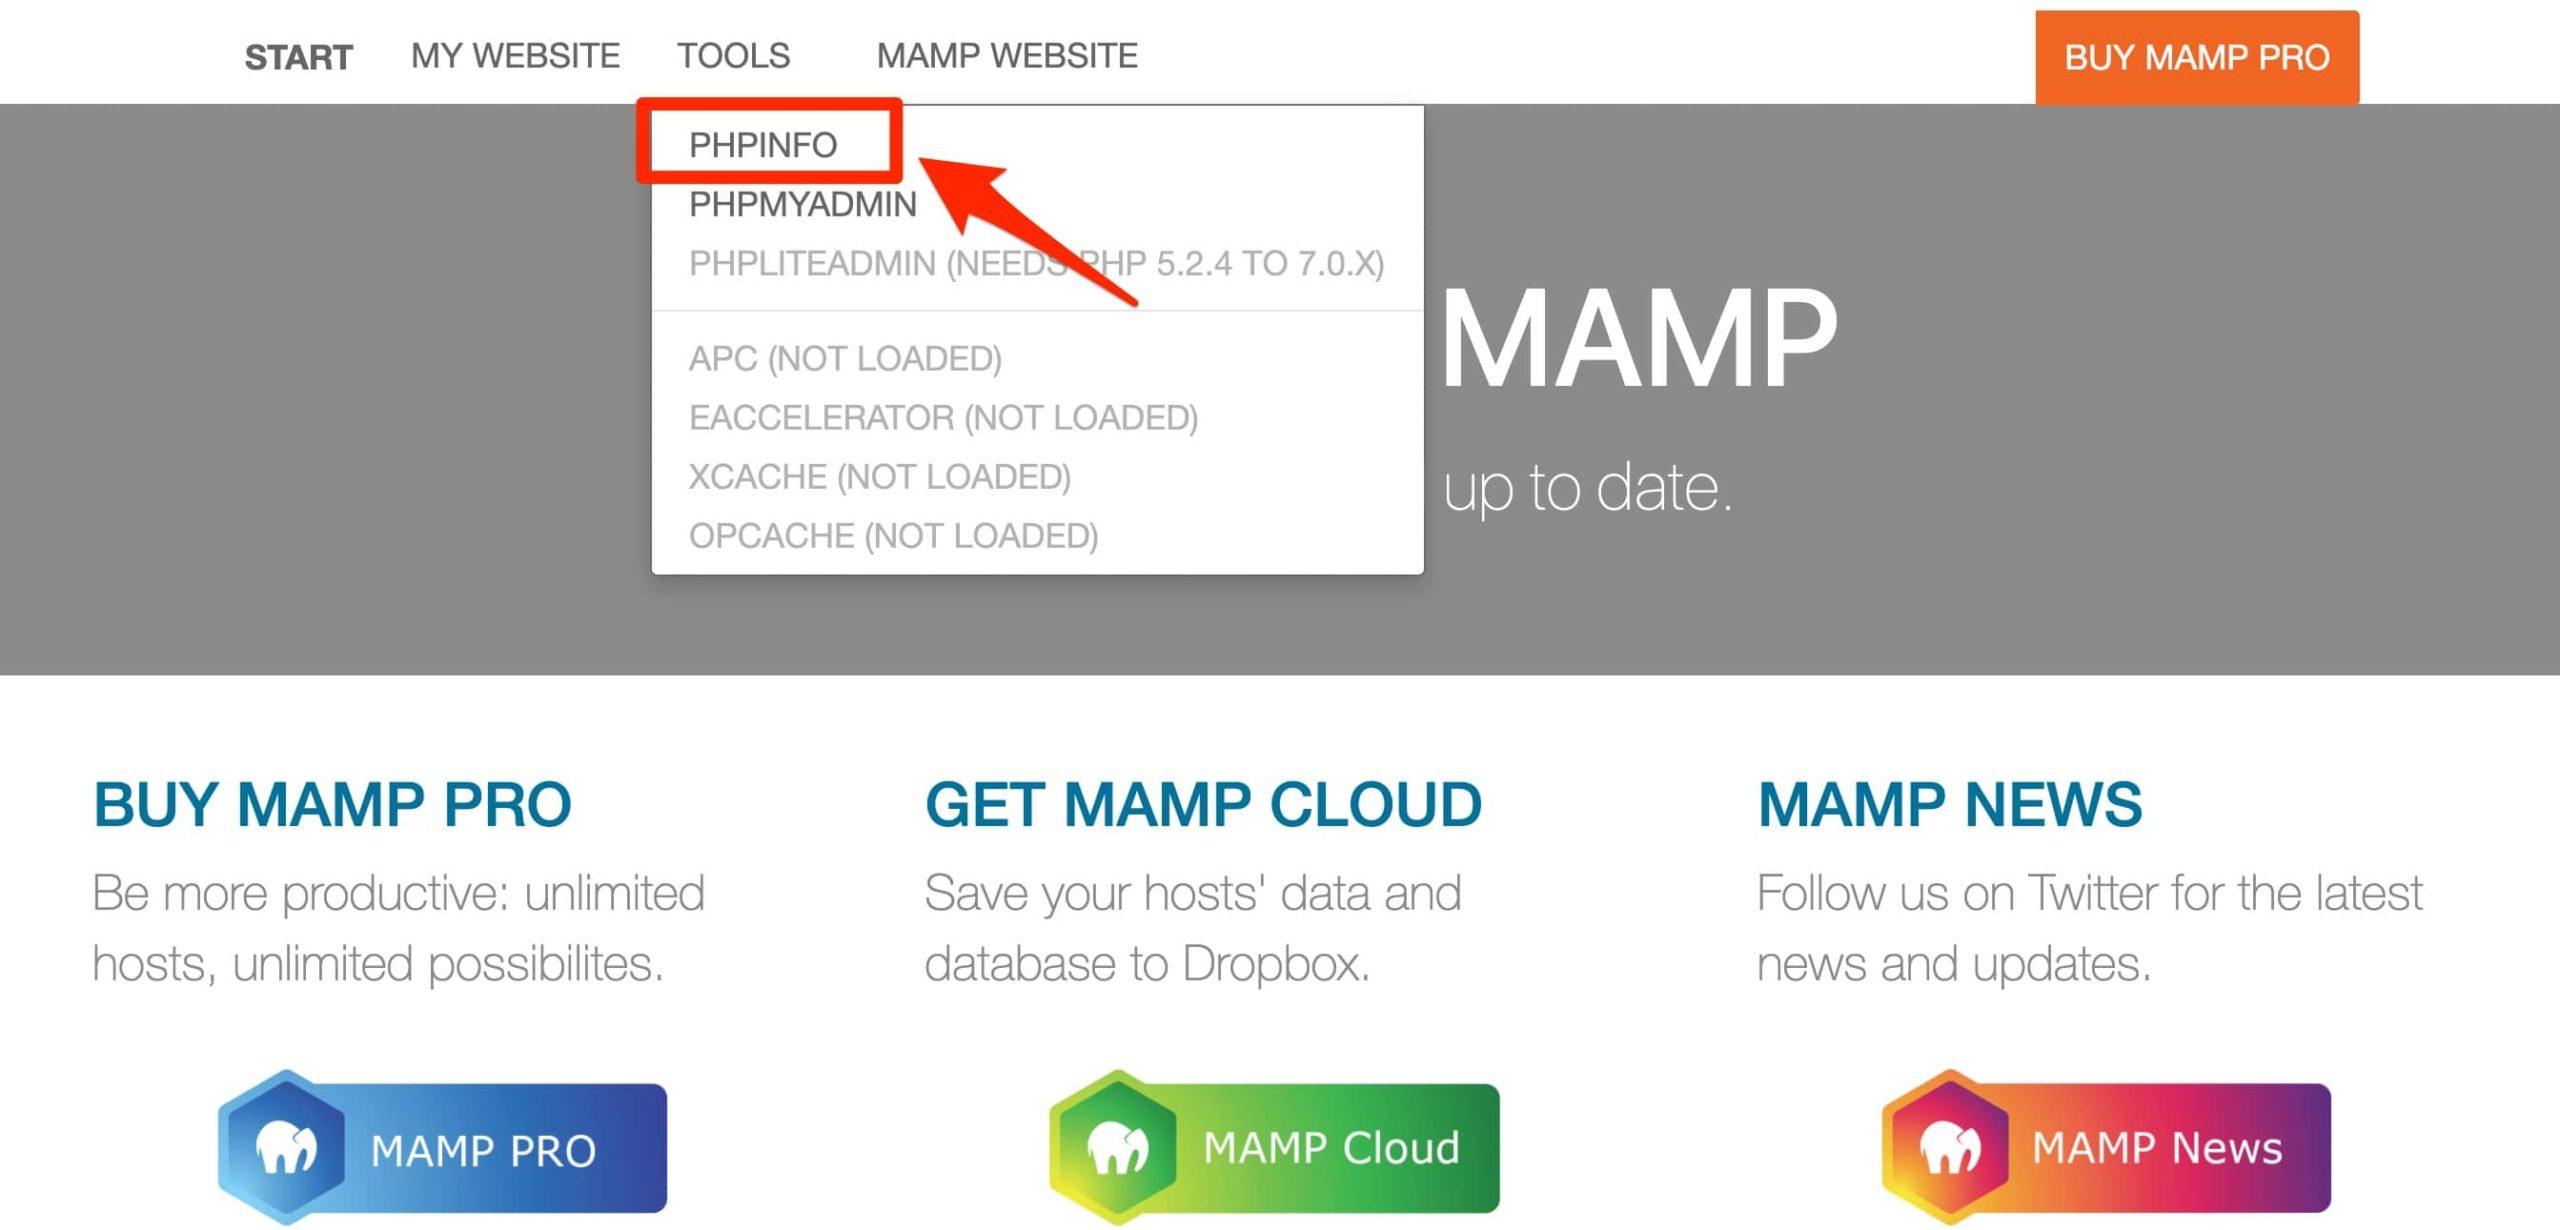 MAMPスタートページ tools